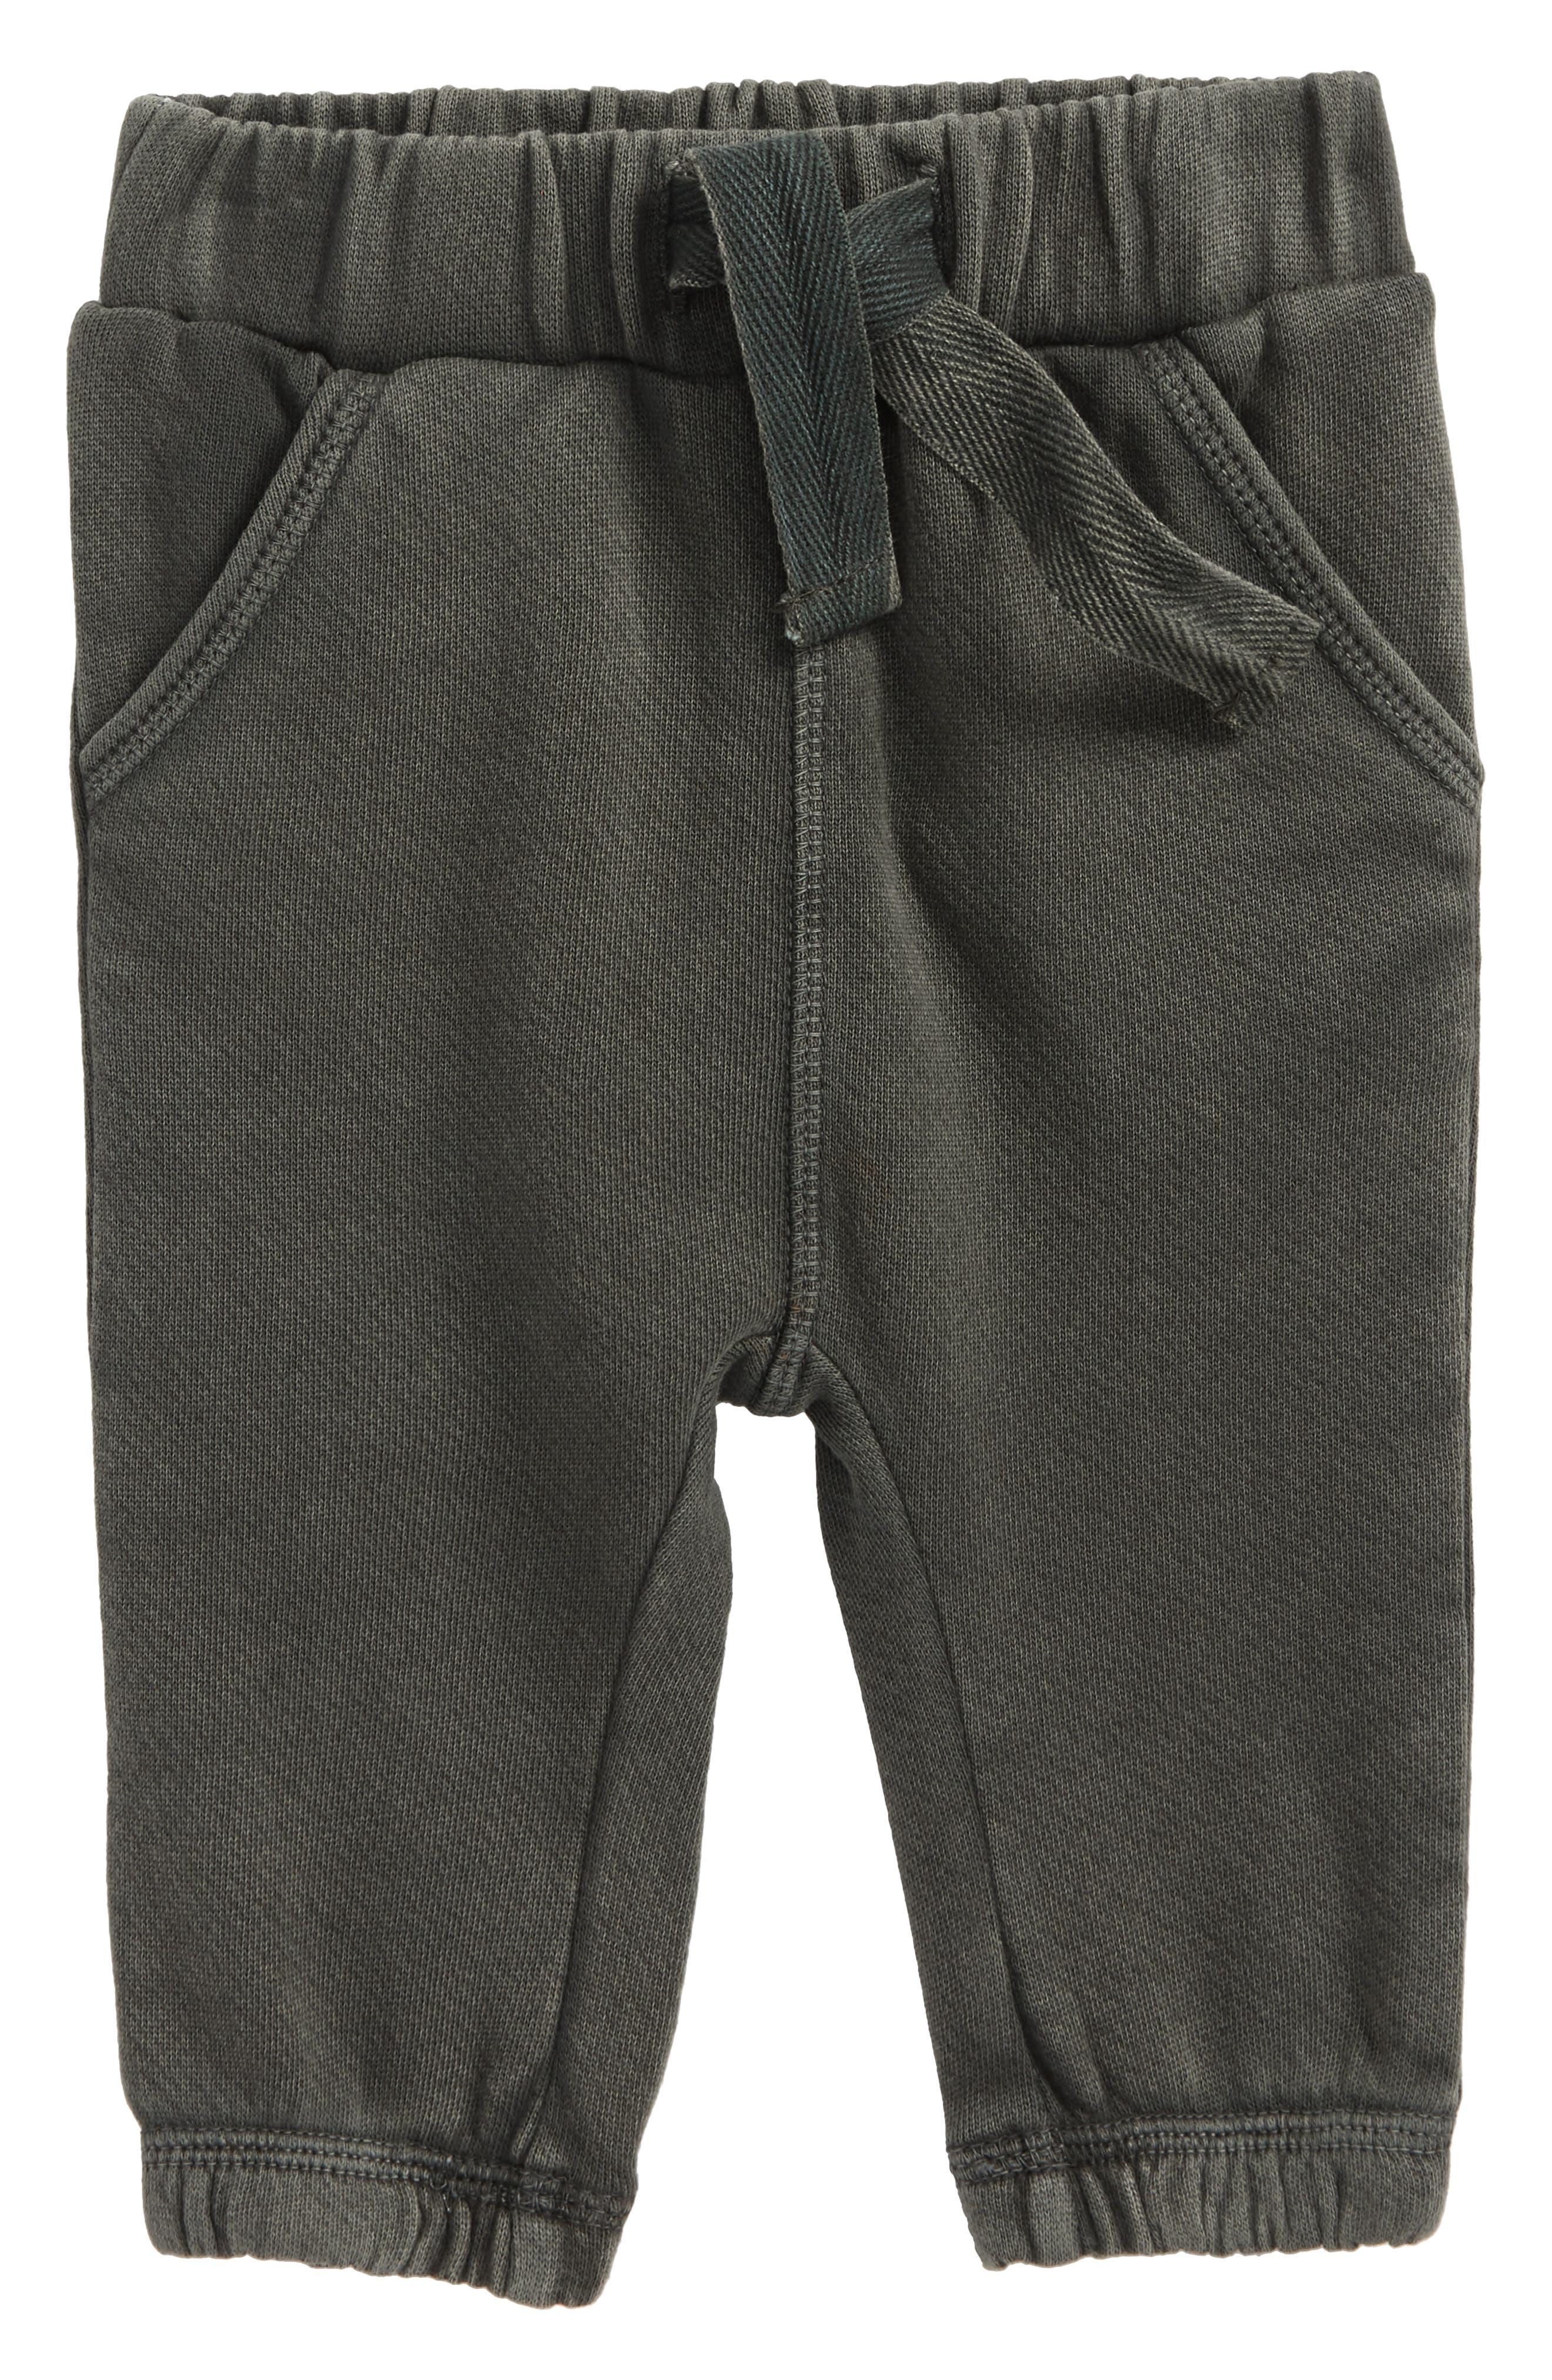 Tucker & Tate Washed Jogger Pants,                             Main thumbnail 1, color,